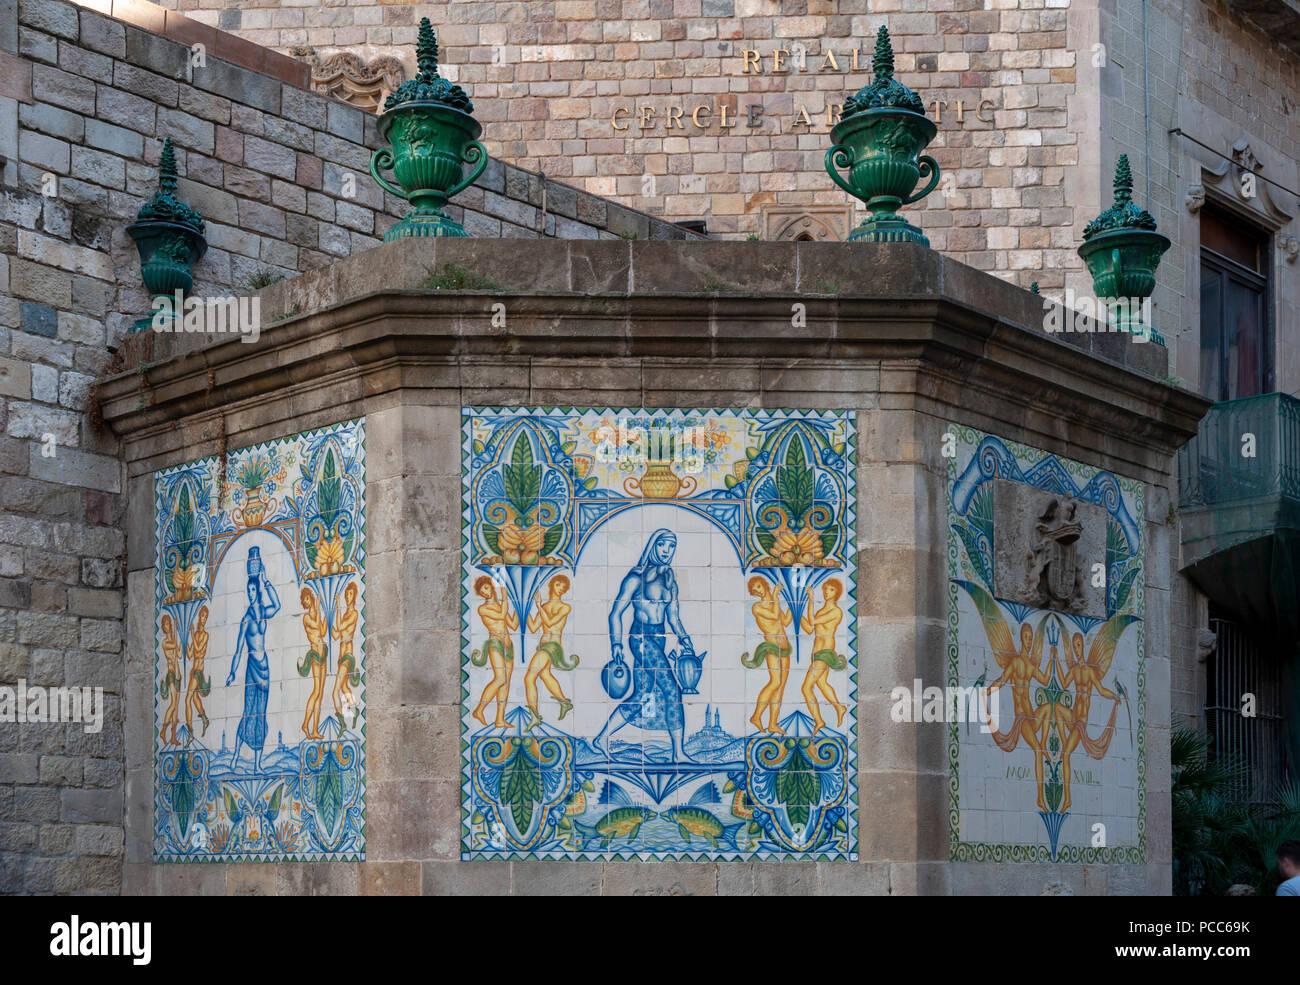 Barcelona Fuente Santa Ana Der Alteste Brunnen Barcelonas Von 1356